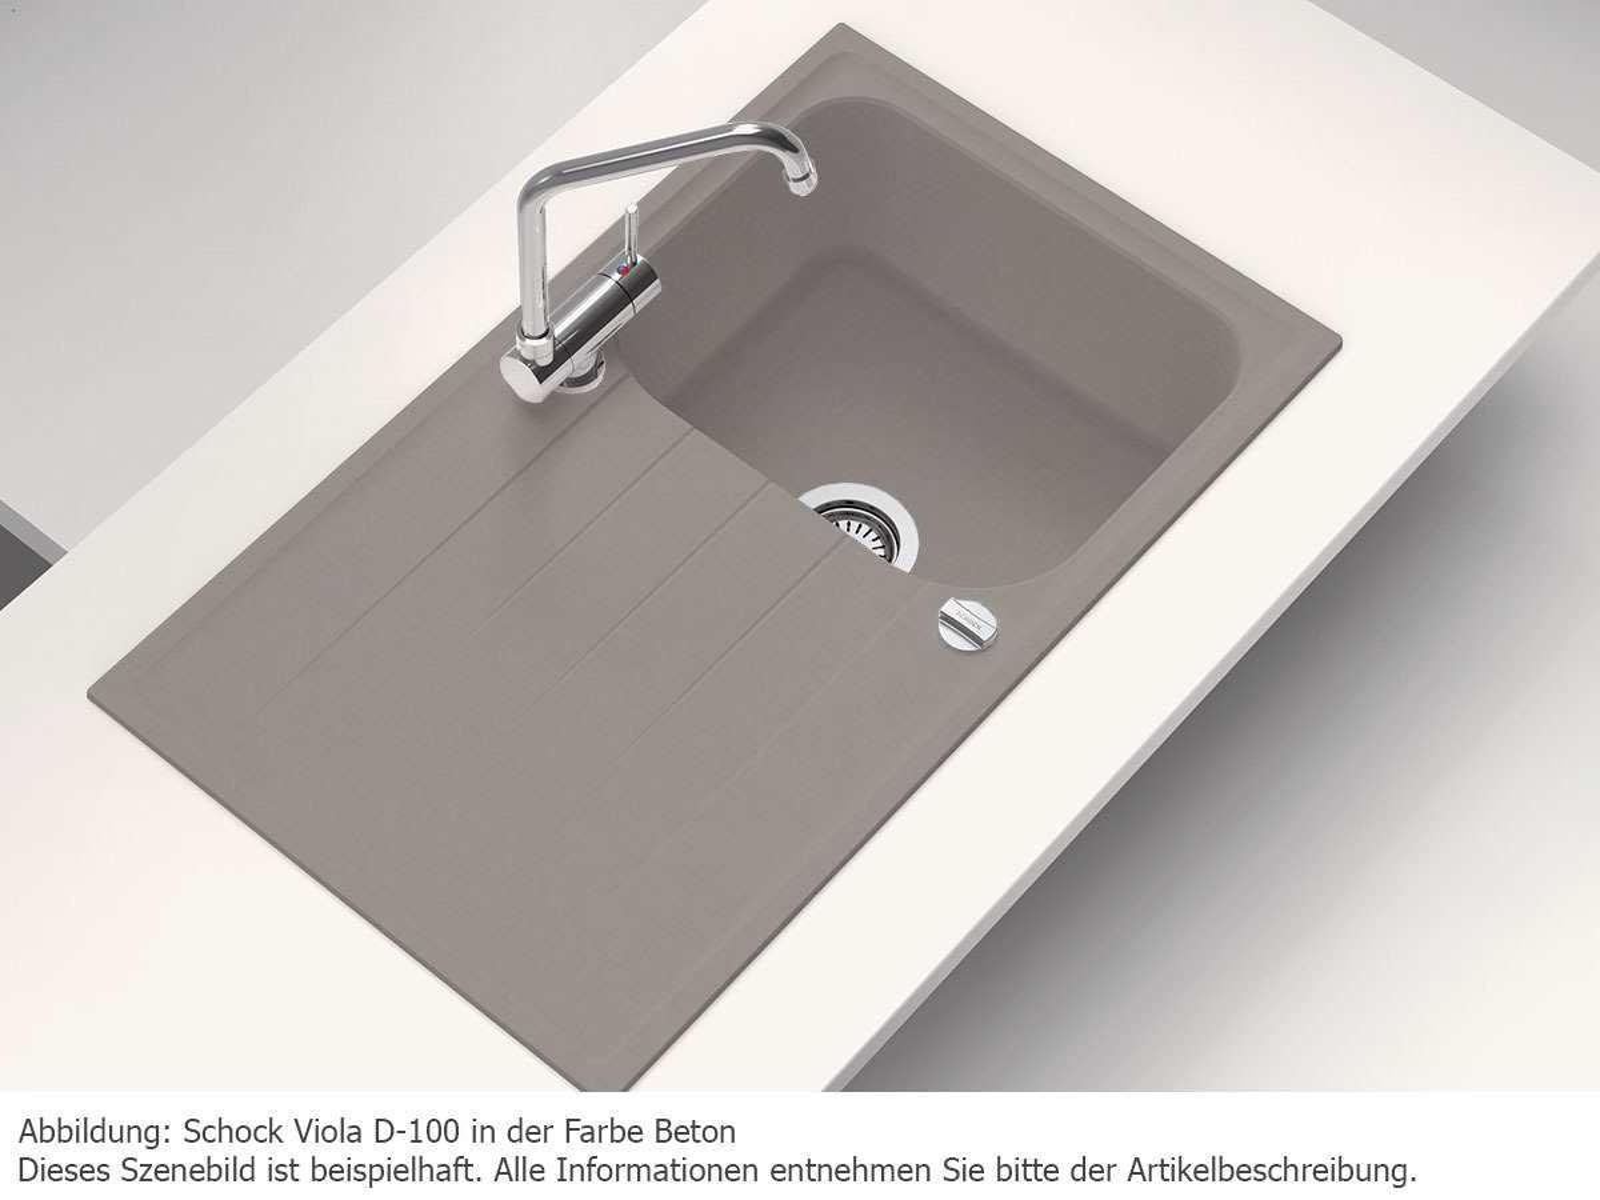 schock viola d 100 a onyx granitsp le ebay. Black Bedroom Furniture Sets. Home Design Ideas